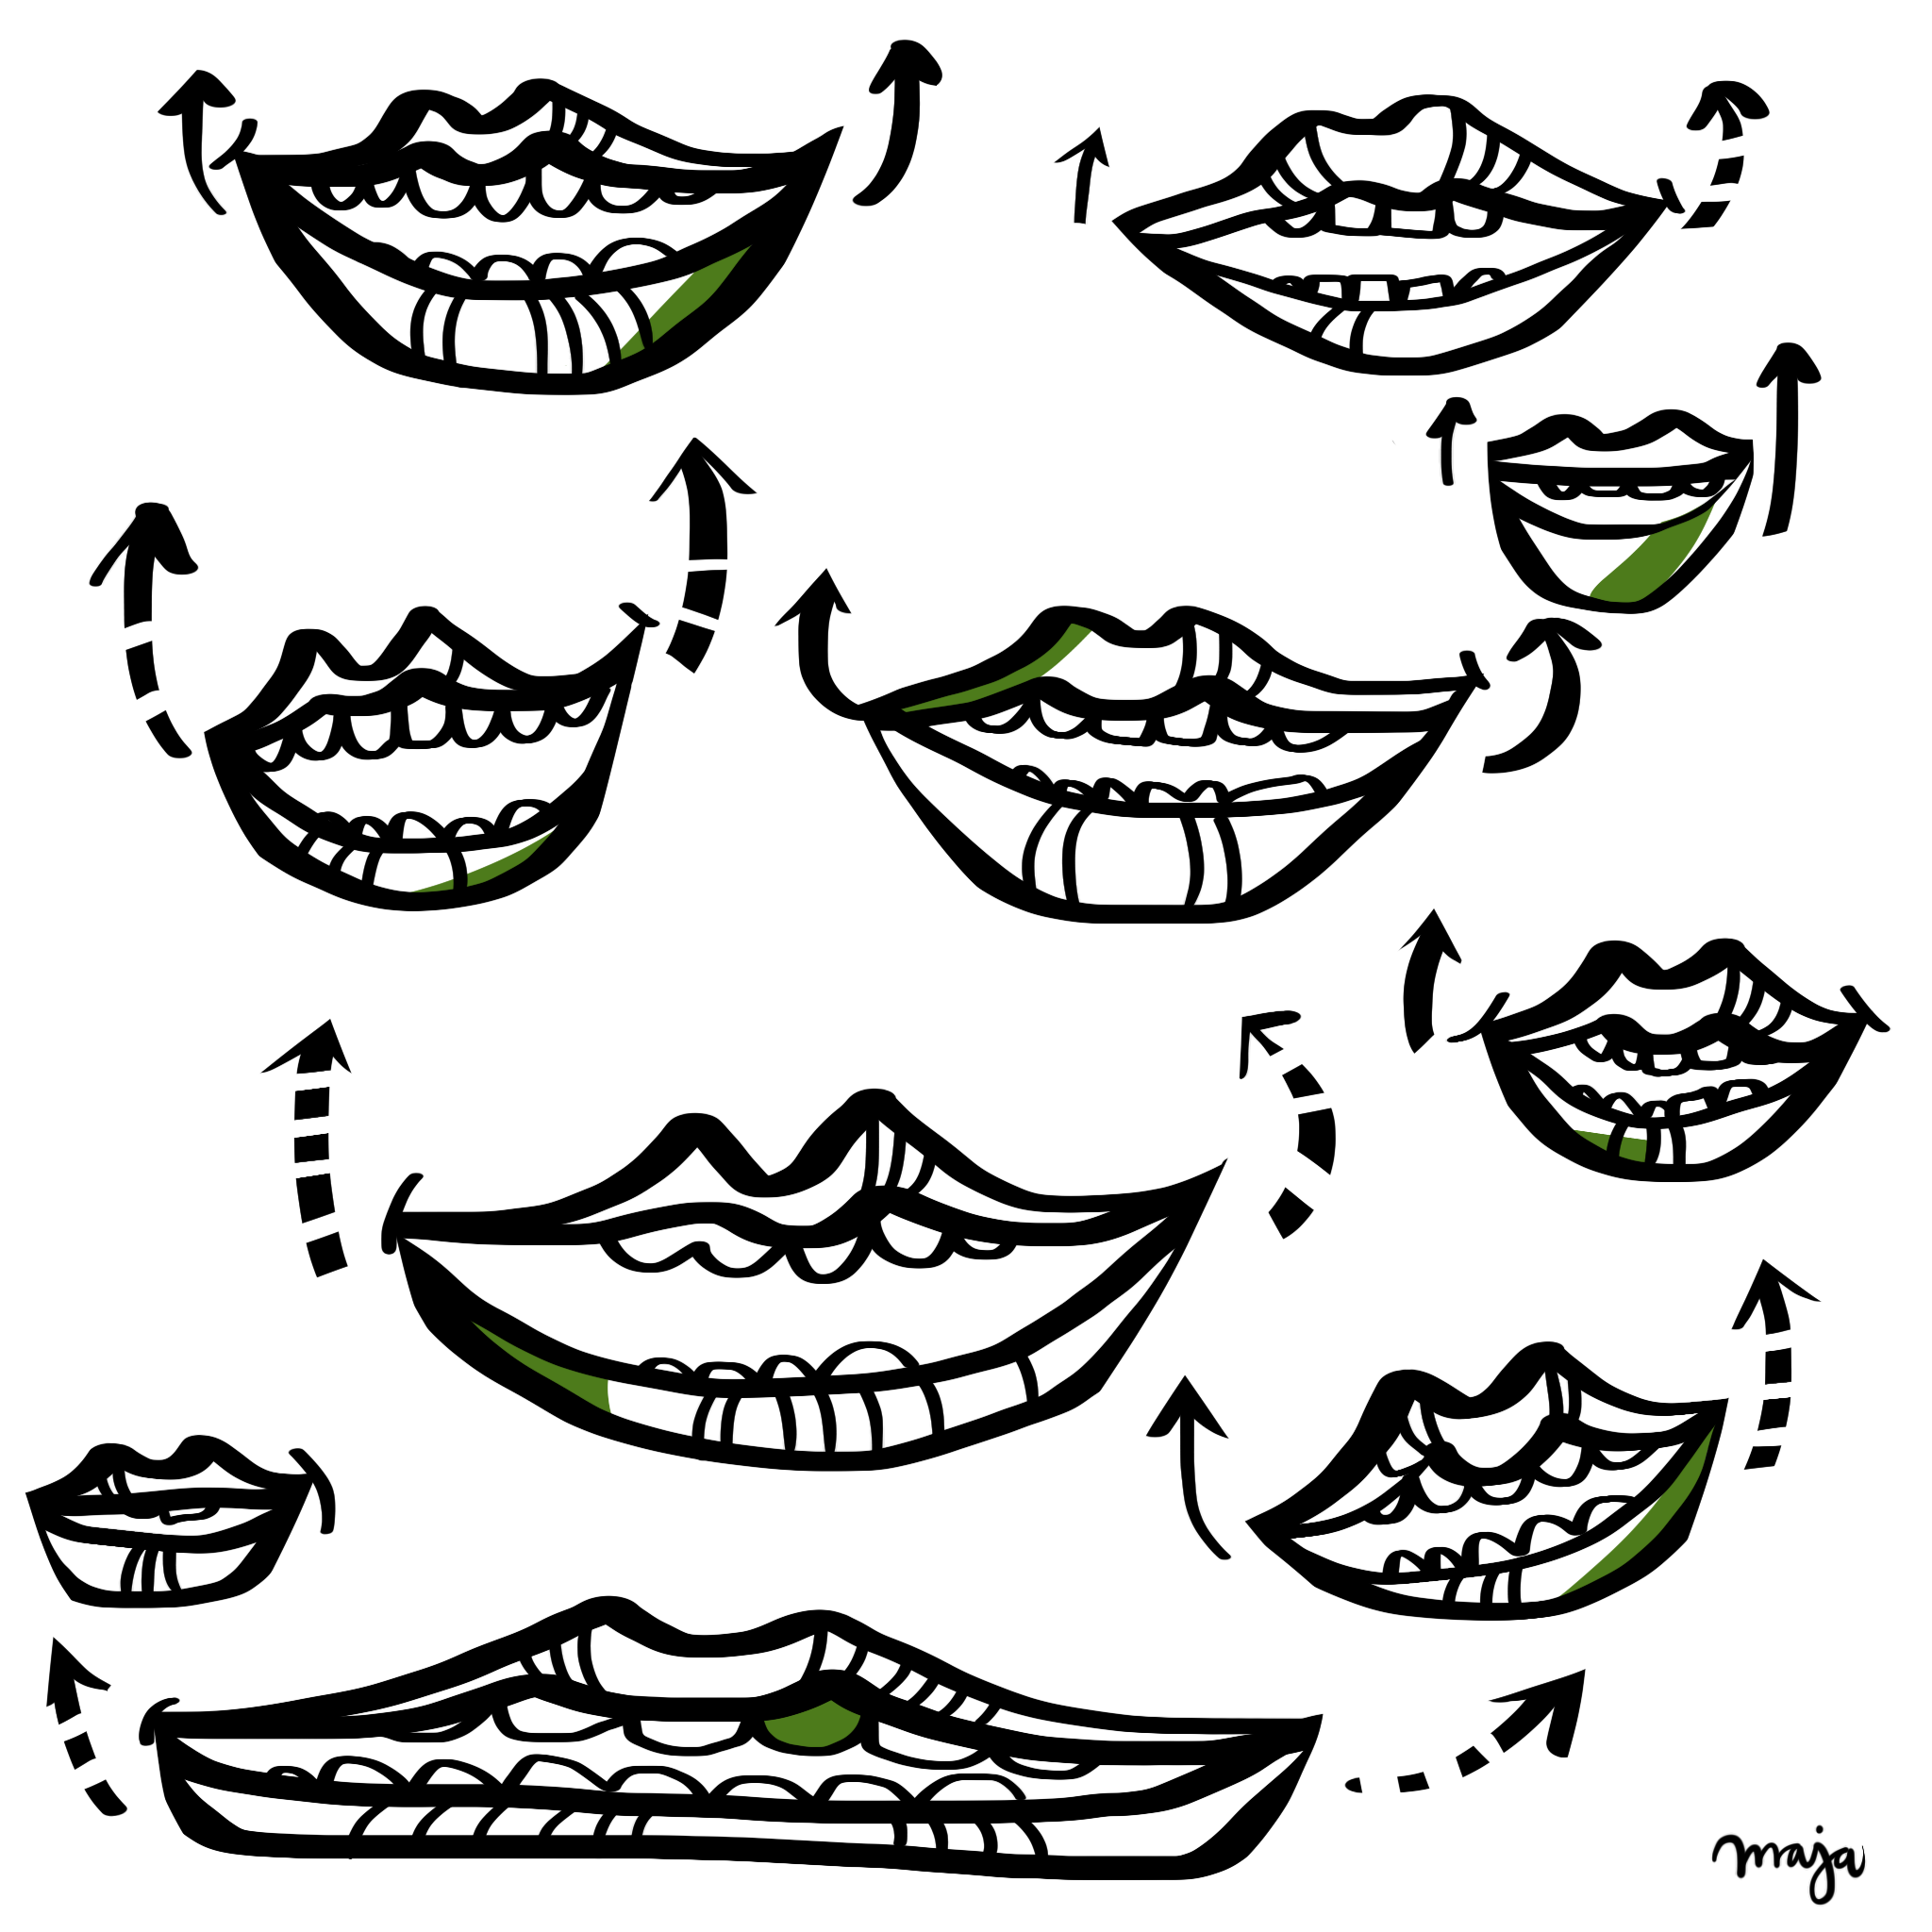 Positivt-tänkande-illustration-maja-larsson